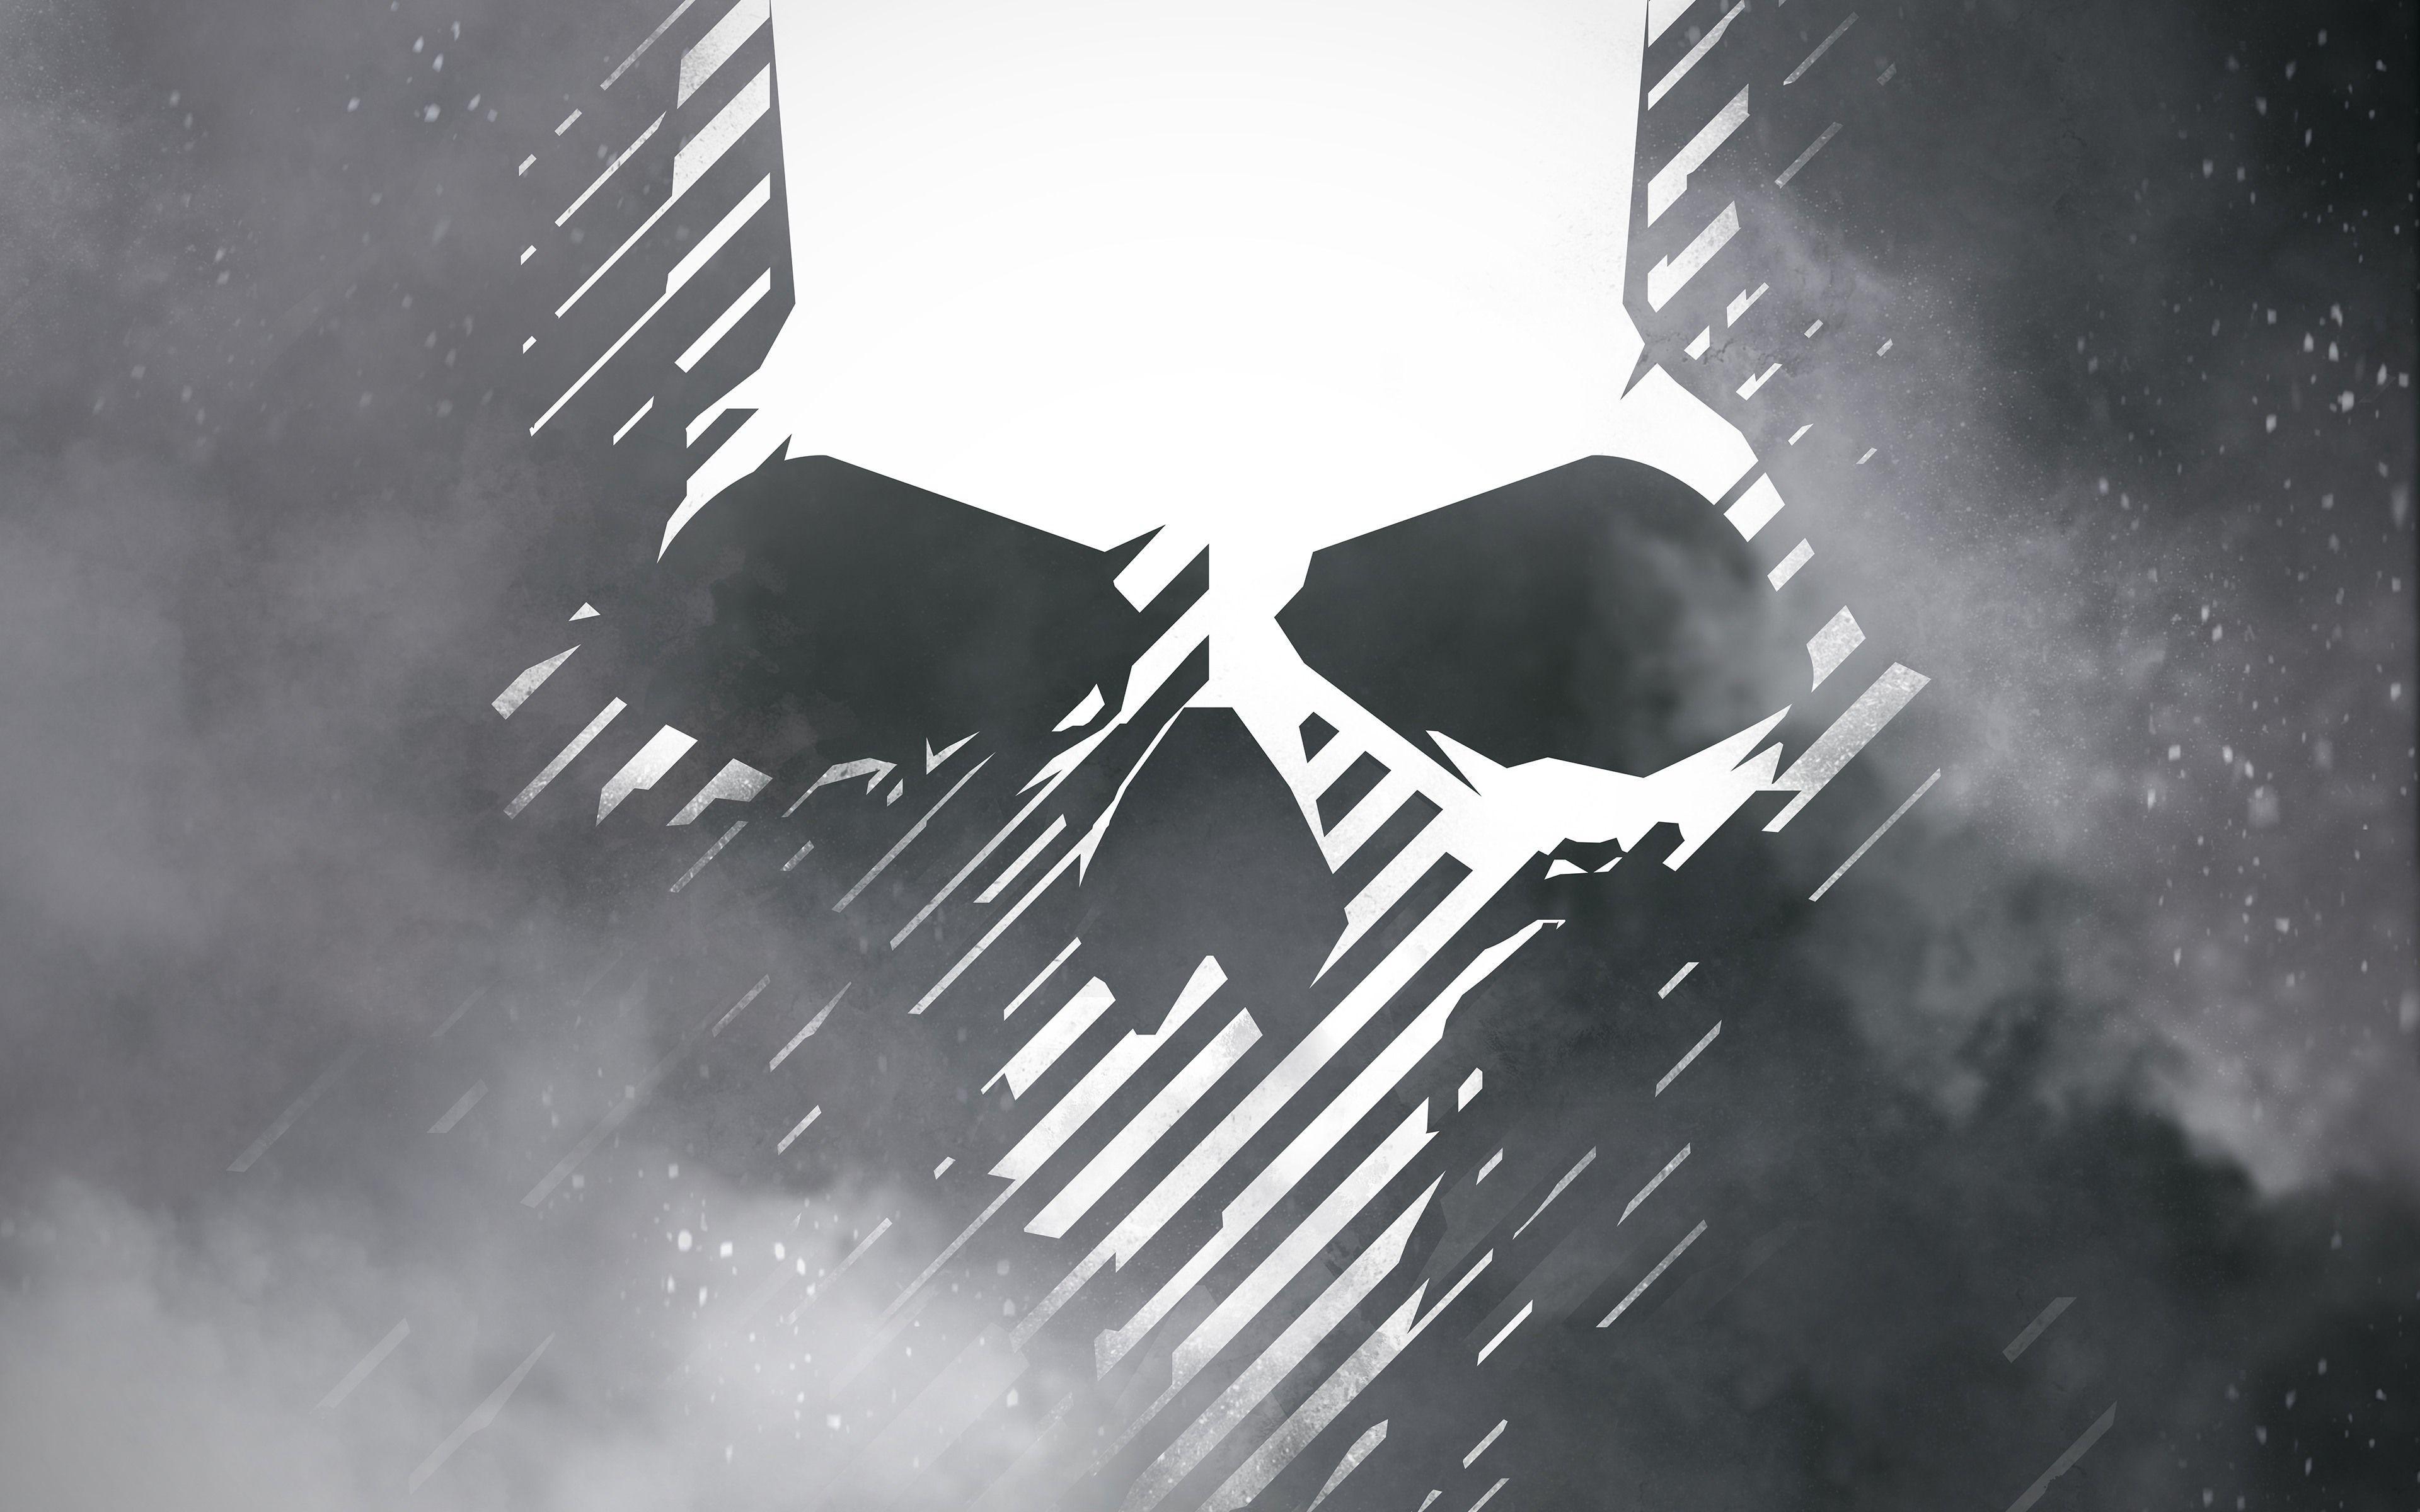 Ghost Recon: Wildlands Wallpapers